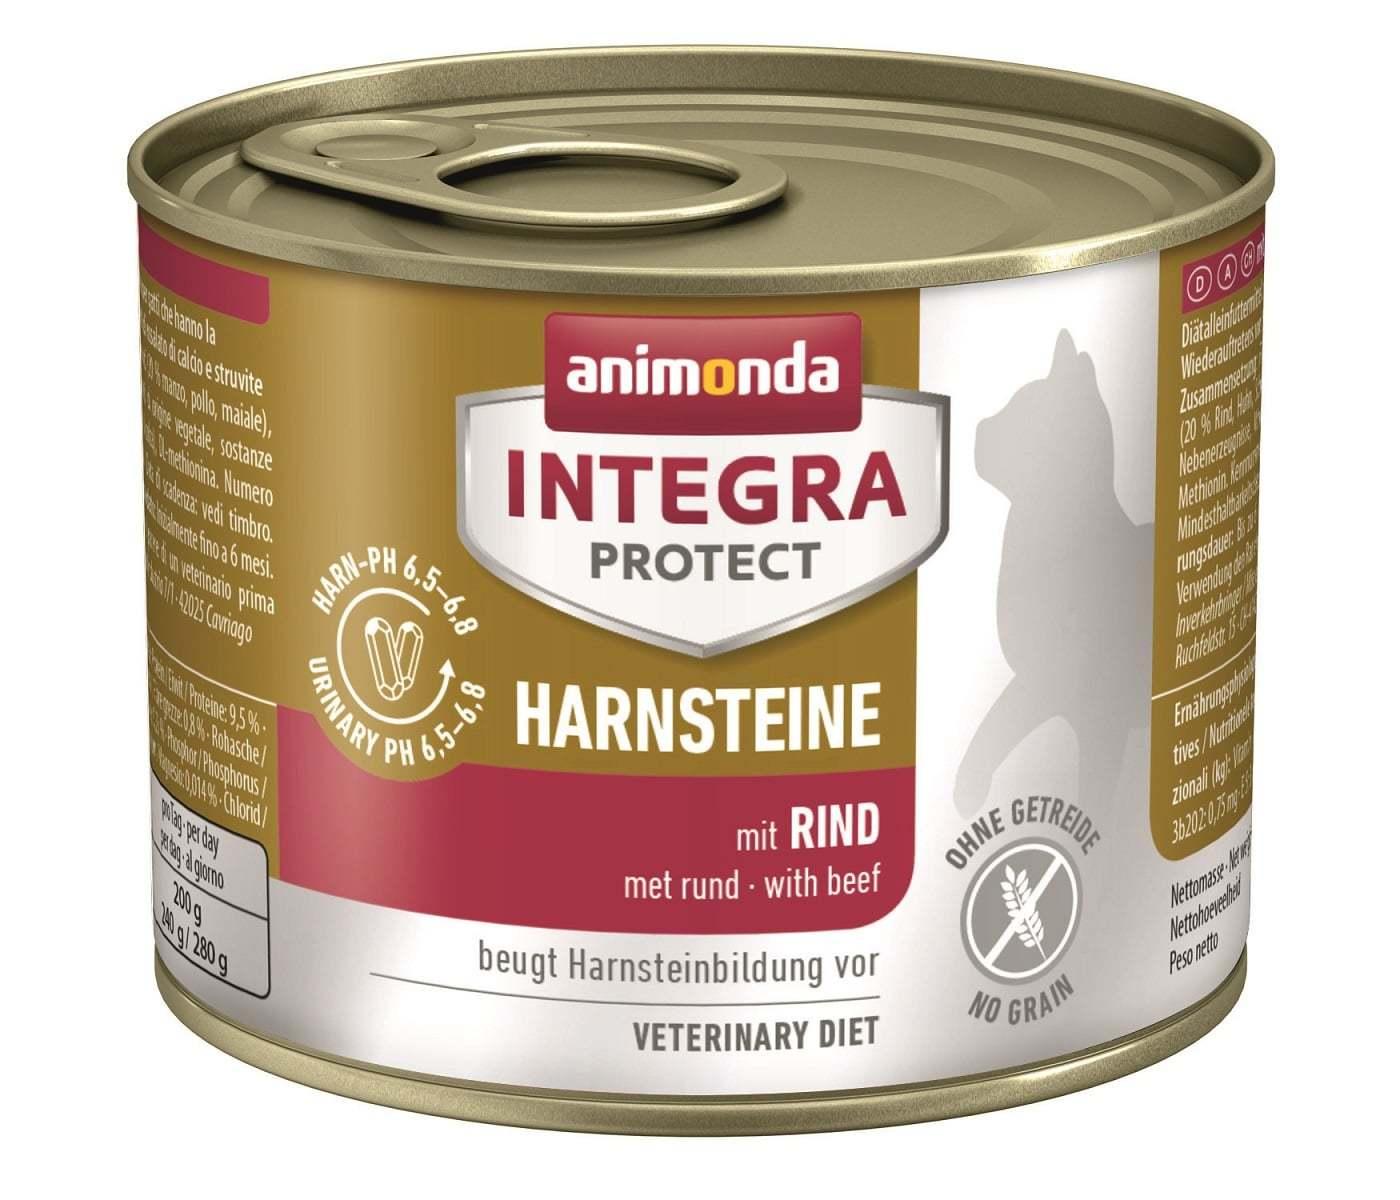 Купить Animonda Integra Protect Cat (банка) Harnsteine (URINARY) with Beef для кошек